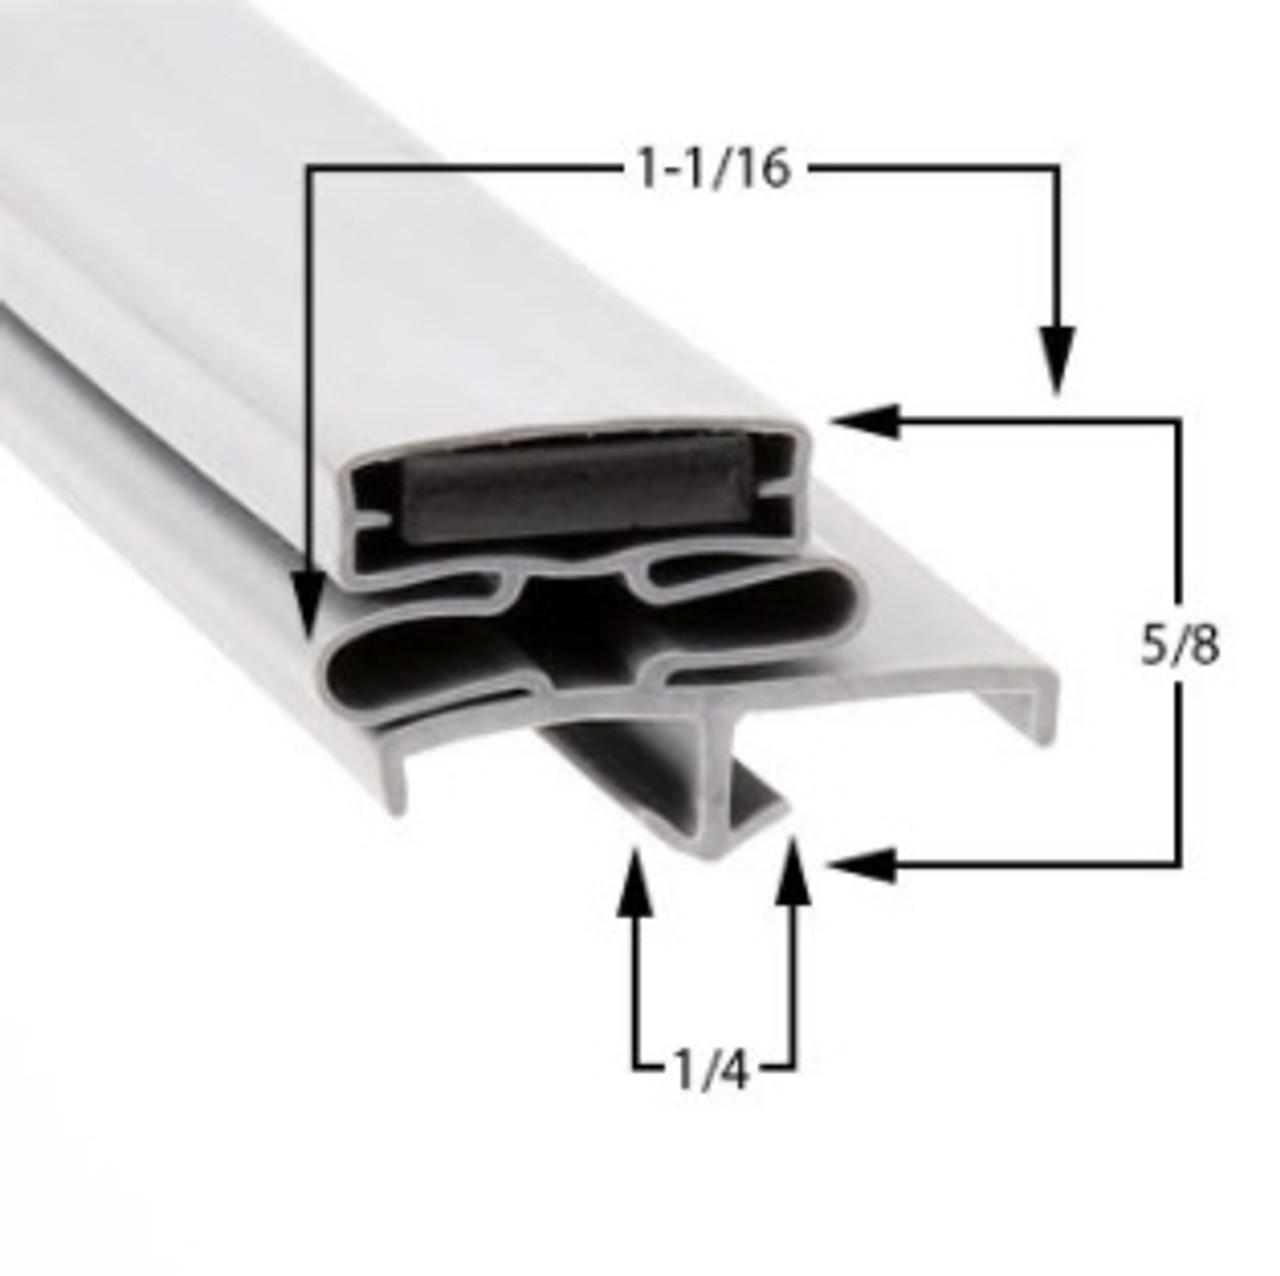 Kairak Door Gasket Profile 168 18 x 22 7/8 -2